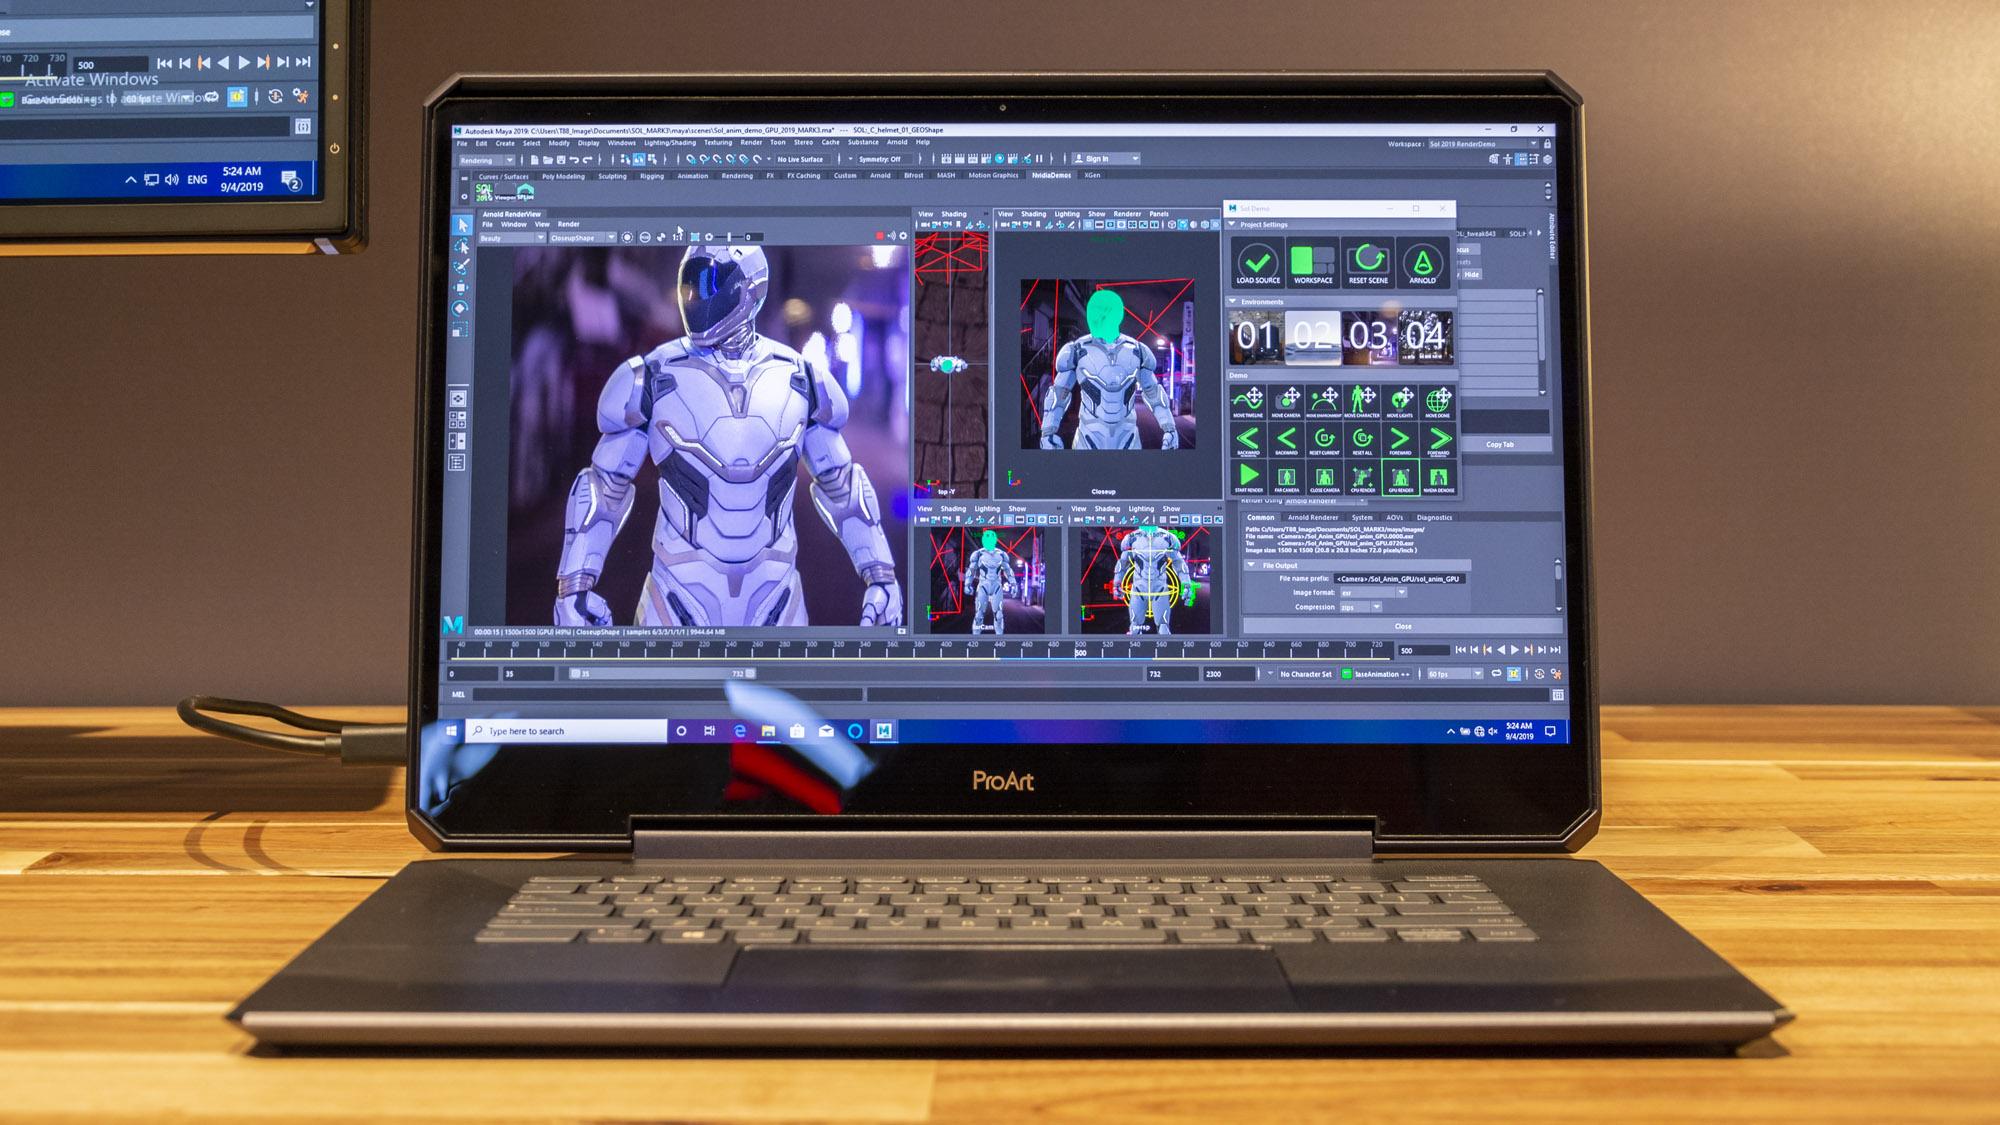 Asus ProArt StudioBook One практический обзор: самый мощный ноутбук в мире, представленный на IFA 2019?